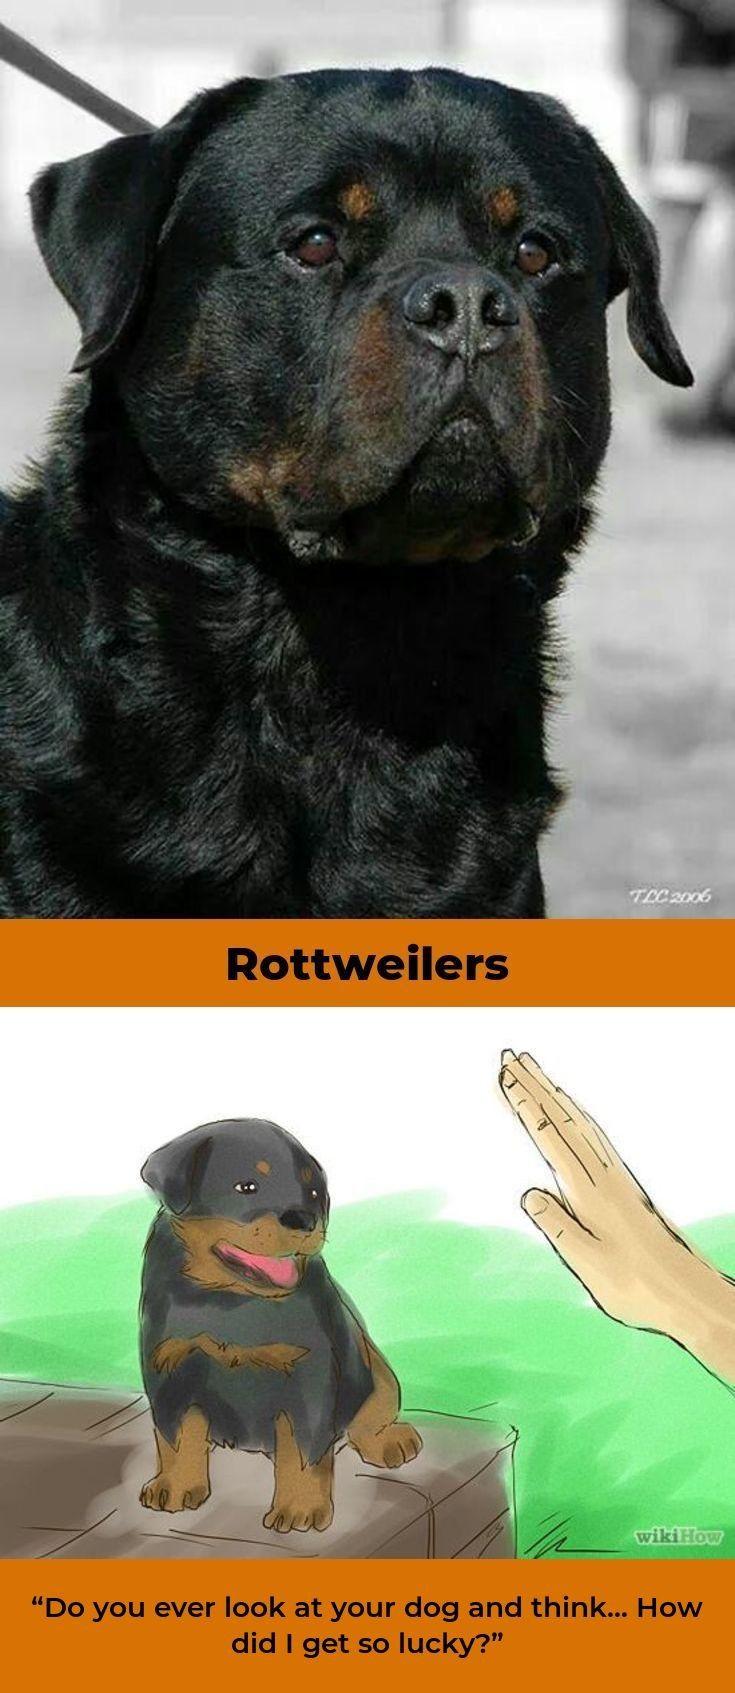 Rottweilers Rottweilerofinsta Rottweilerlover Rottweiler